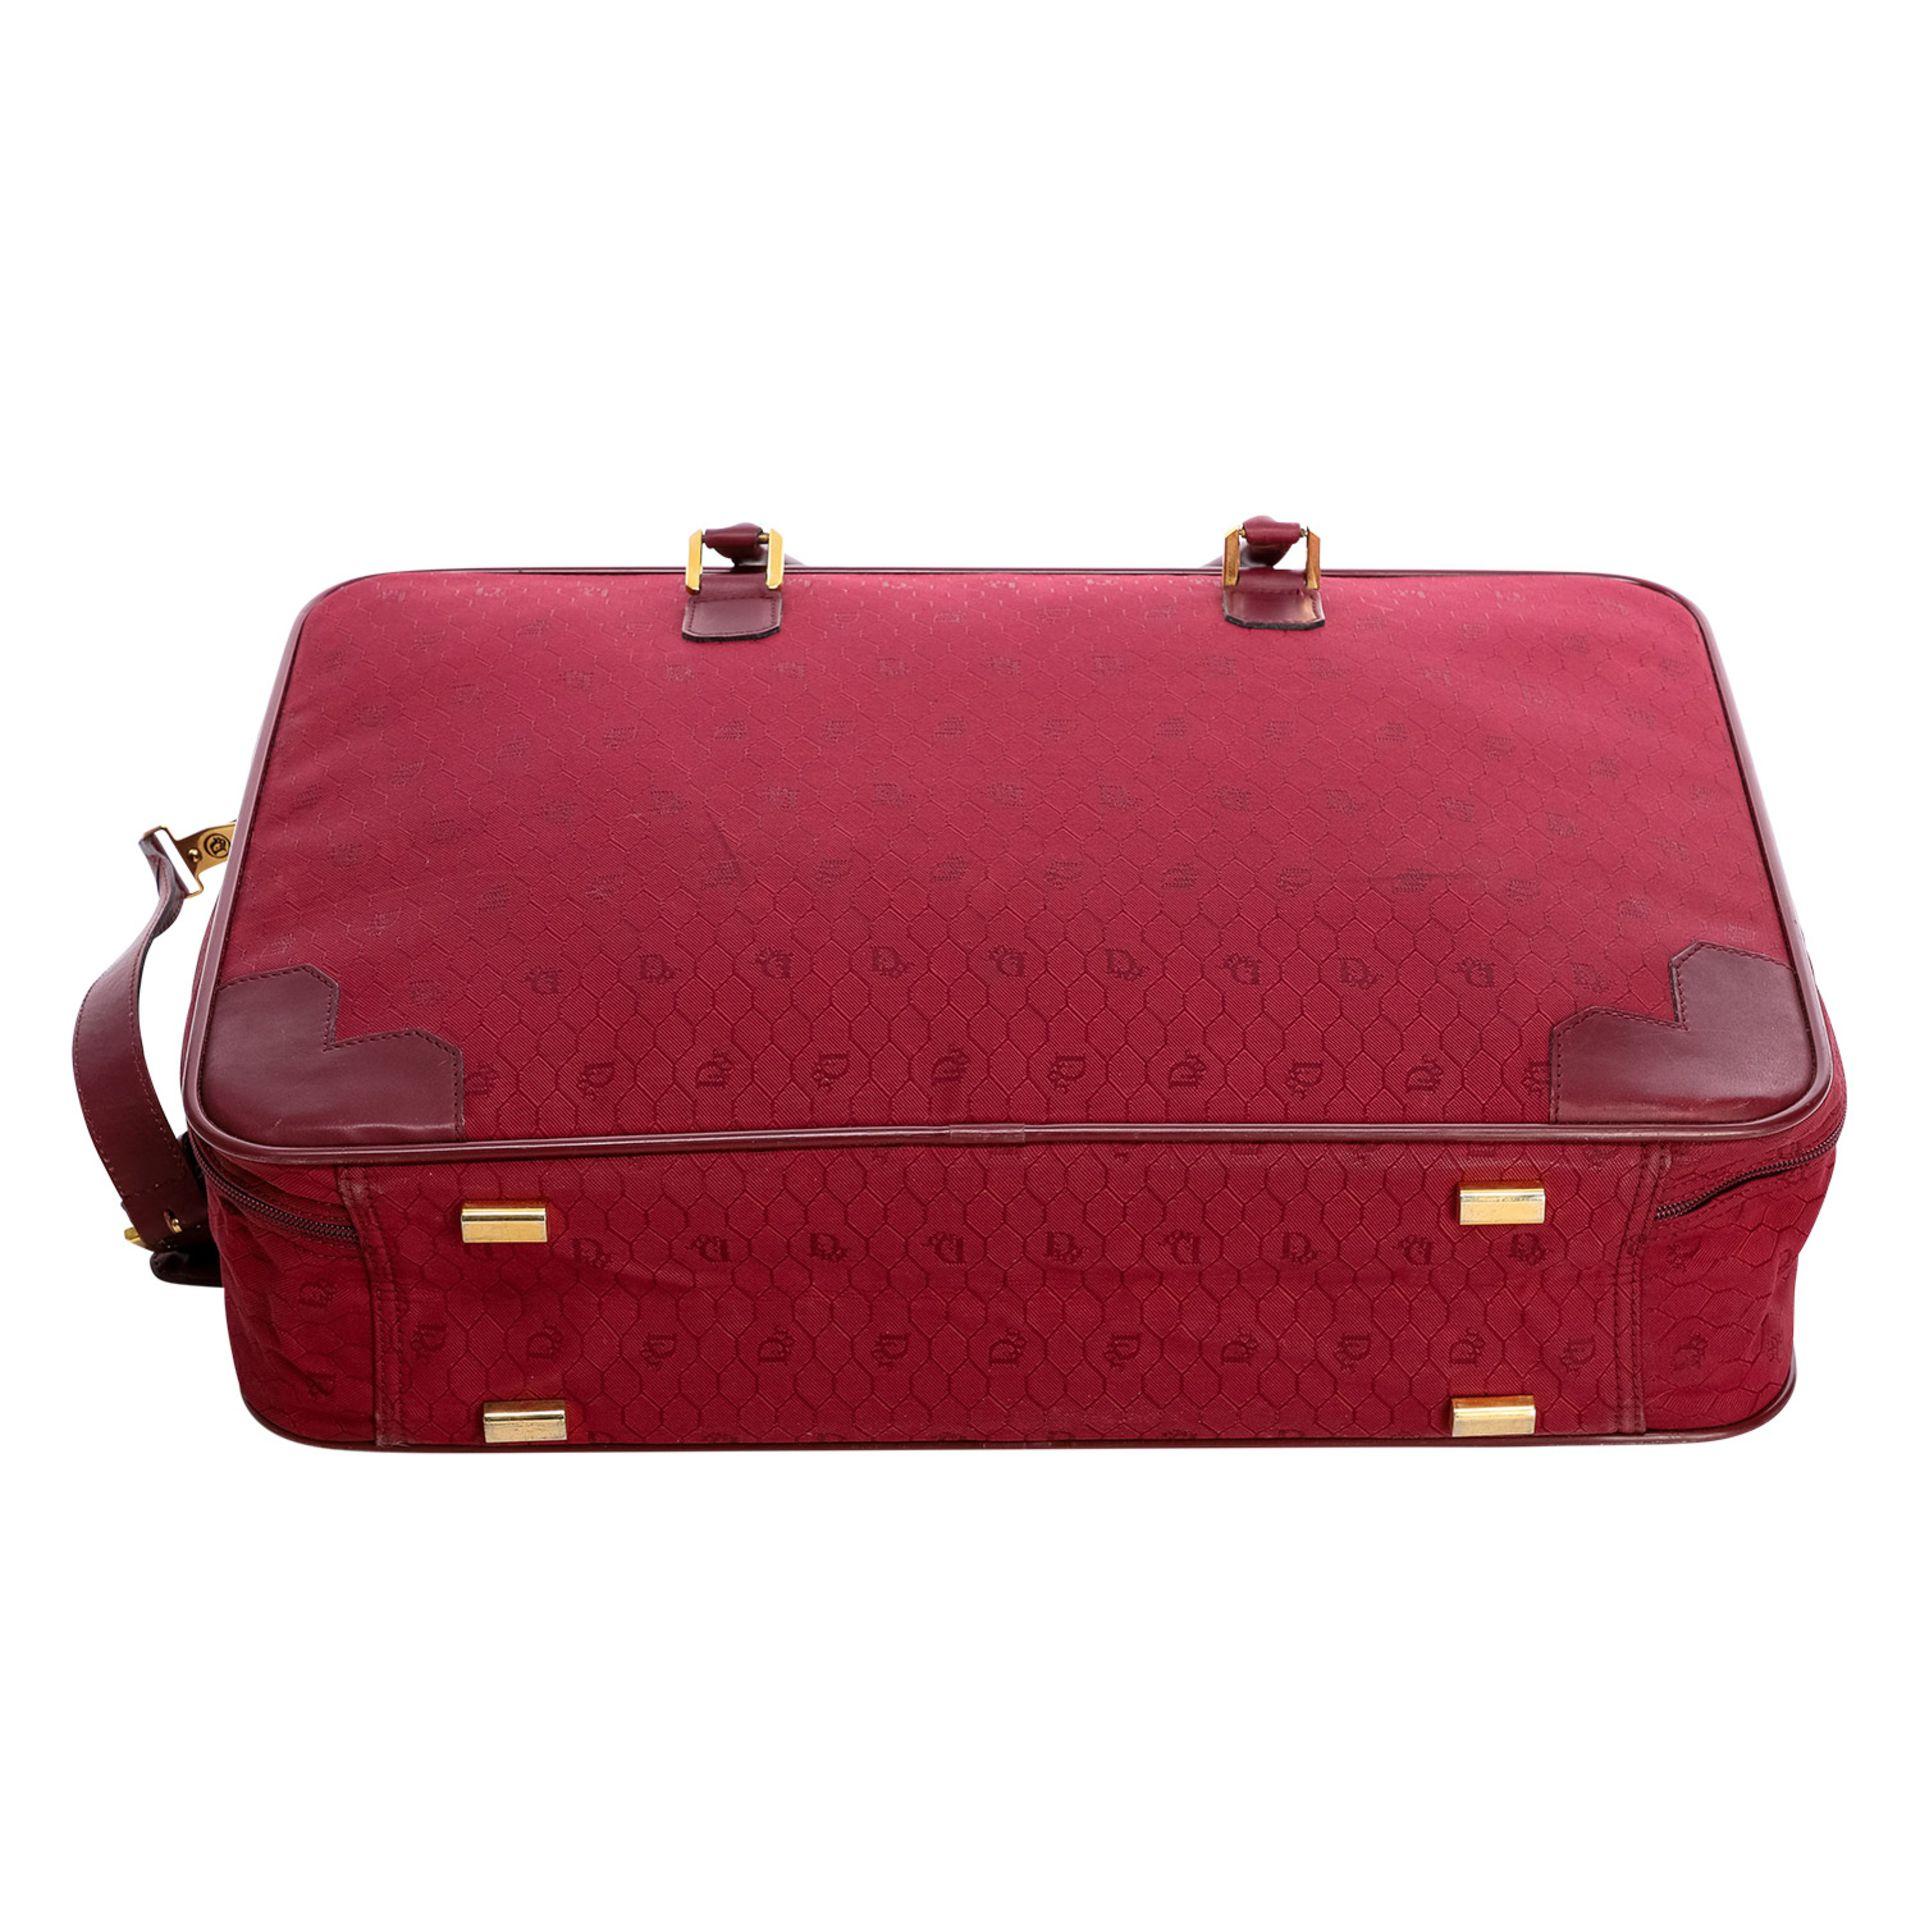 CHRISTIAN DIOR VINTAGE Koffer. - Bild 5 aus 6